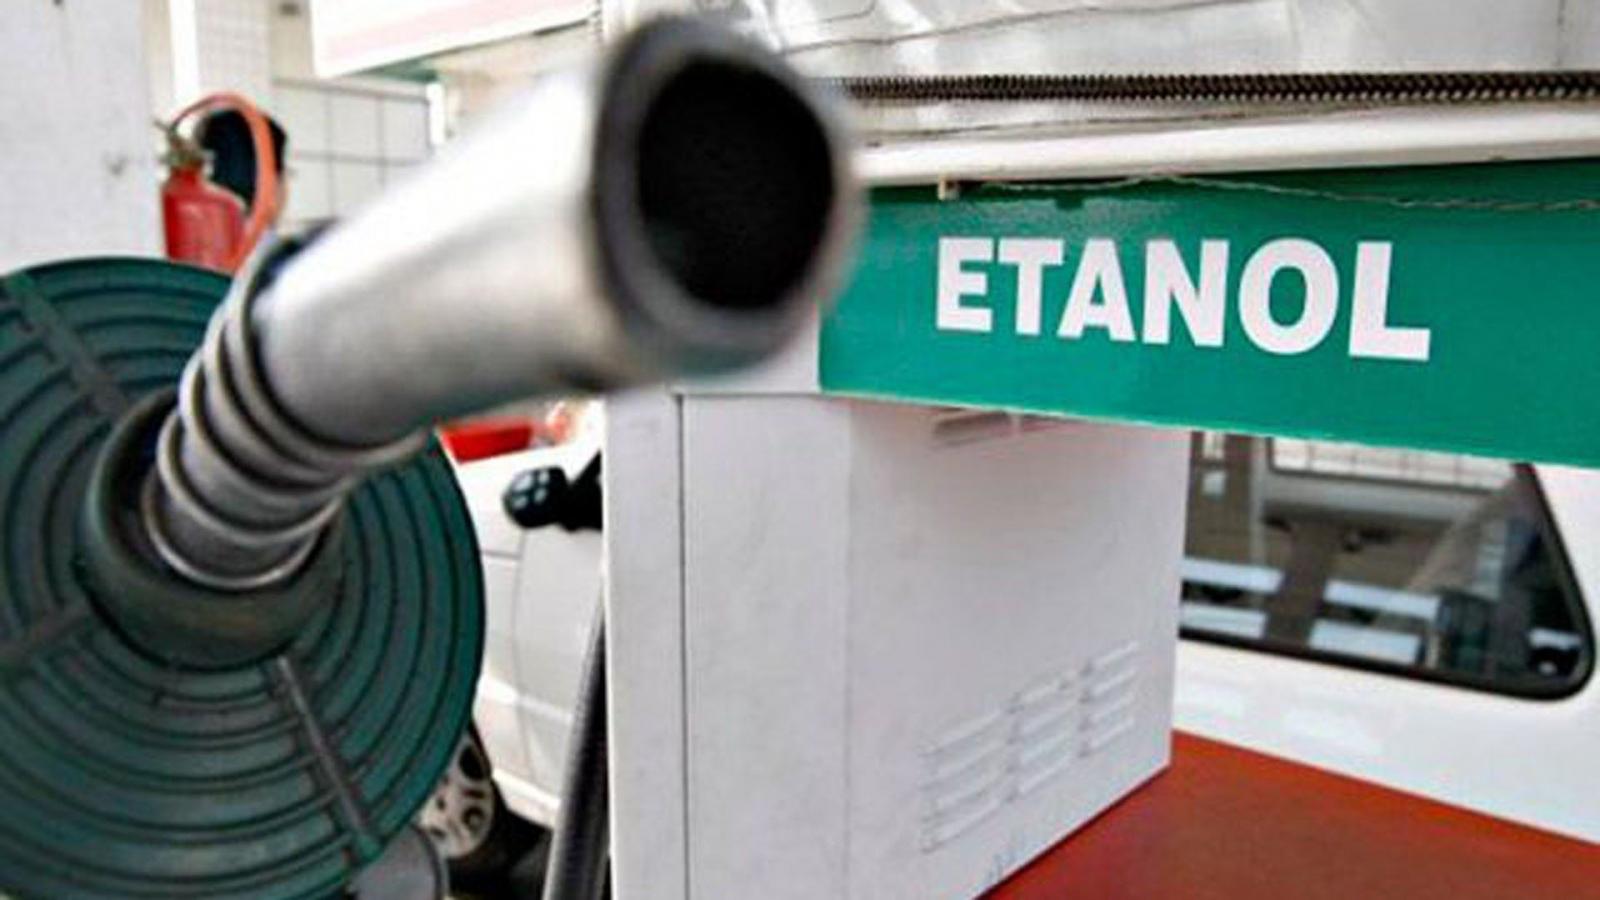 Usinas já estão vendendo etanol diretamente aos postos